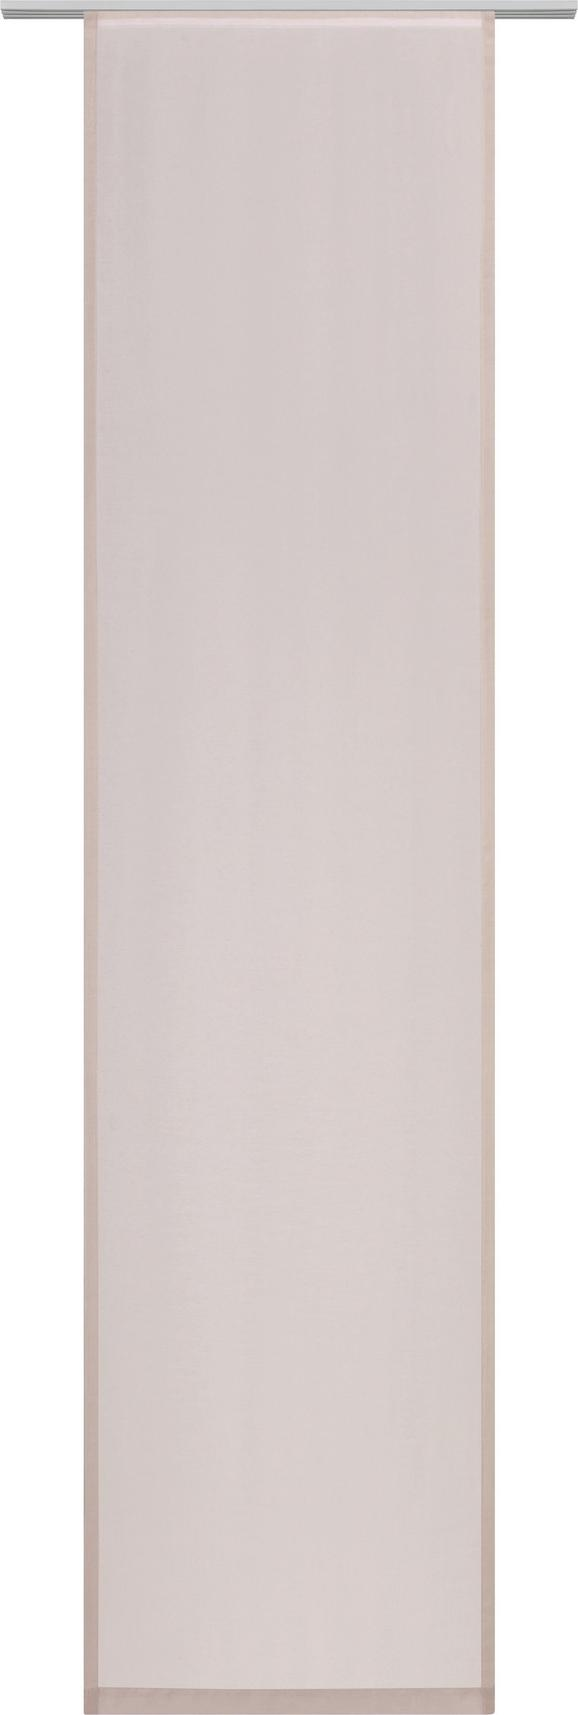 Flächenvorhang Uni in Taupe, ca. 60x245cm - Taupe, MODERN, Textil (60/245cm) - MÖMAX modern living